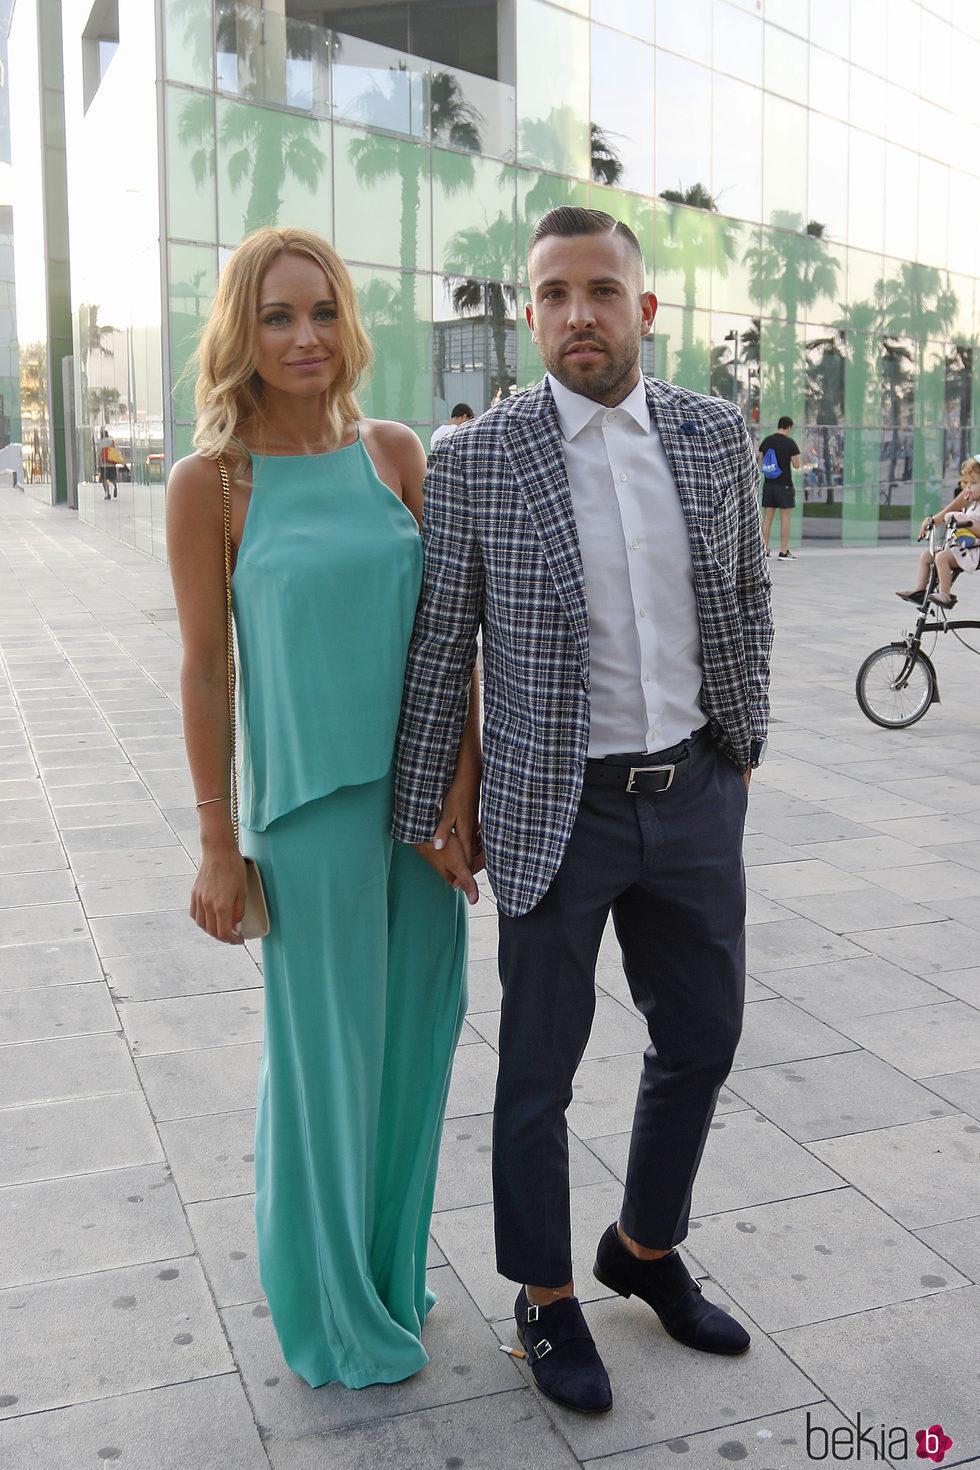 Jordi Aba y Romarey Ventura en la fiesta preboda de Bartra y Melissa Jiménez